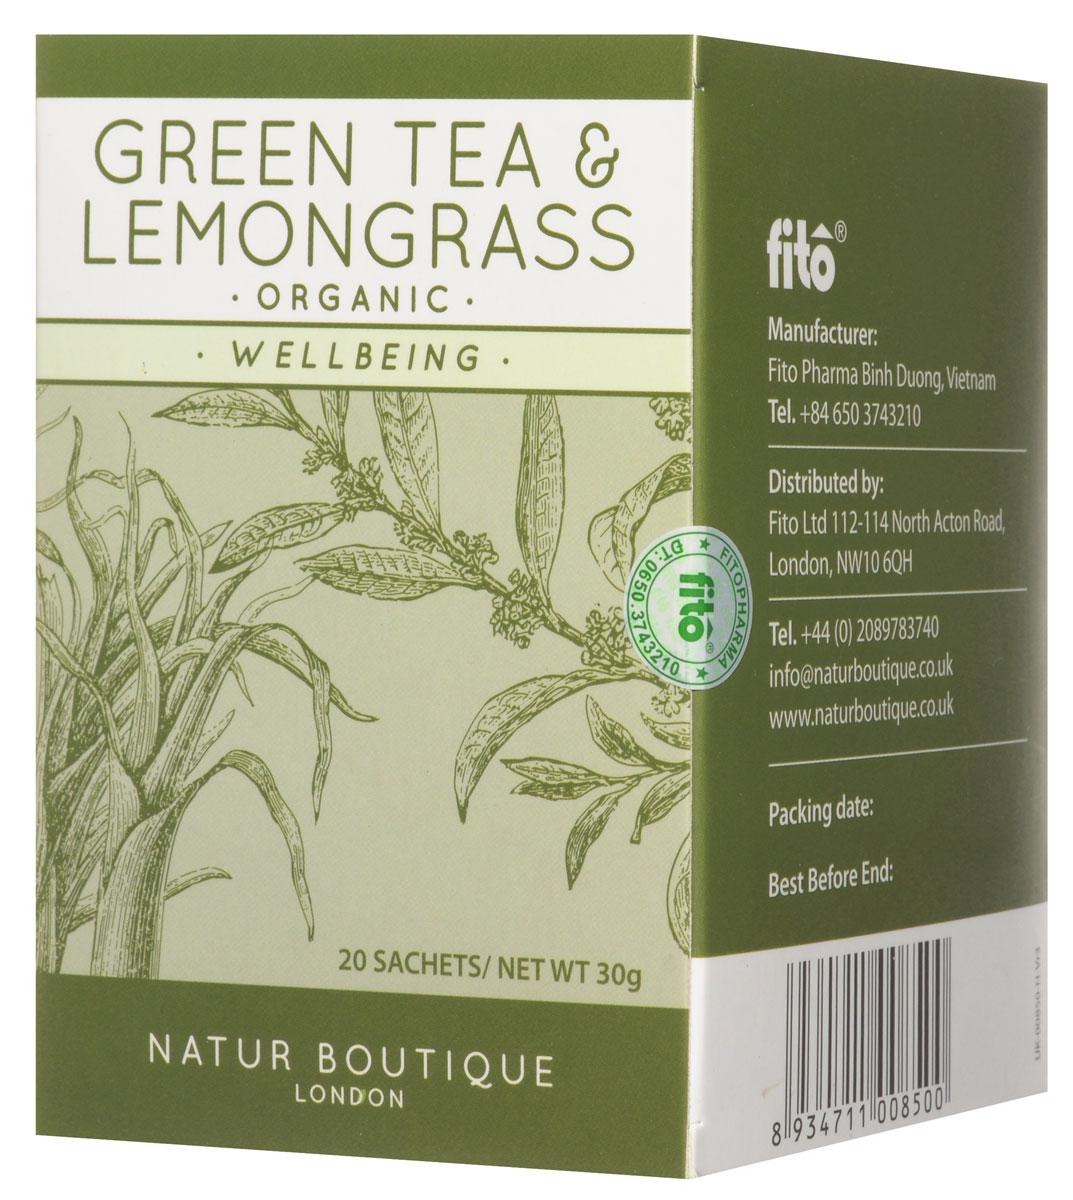 Natur Boutique Lemongrass&Green Tea Organic Tea органический зеленый чай с лемонграссом, 20 пакетиков259Зеленый чай Natur Boutique Lemongrass&Green Tea Organic Tea помогает похудеть за счет ускорения обмена веществ, регулирования уровня глюкозы, снижения аппетита и улучшения сжигания жиров. Лемонграсс, или по-другому лимонная трава, снимает нервное напряжение, успокаивает, улучшает пищеварение, стимулирует обмен веществ, а также оказывает антибактериальное и противогрибковое действие.Всё о чае: сорта, факты, советы по выбору и употреблению. Статья OZON Гид